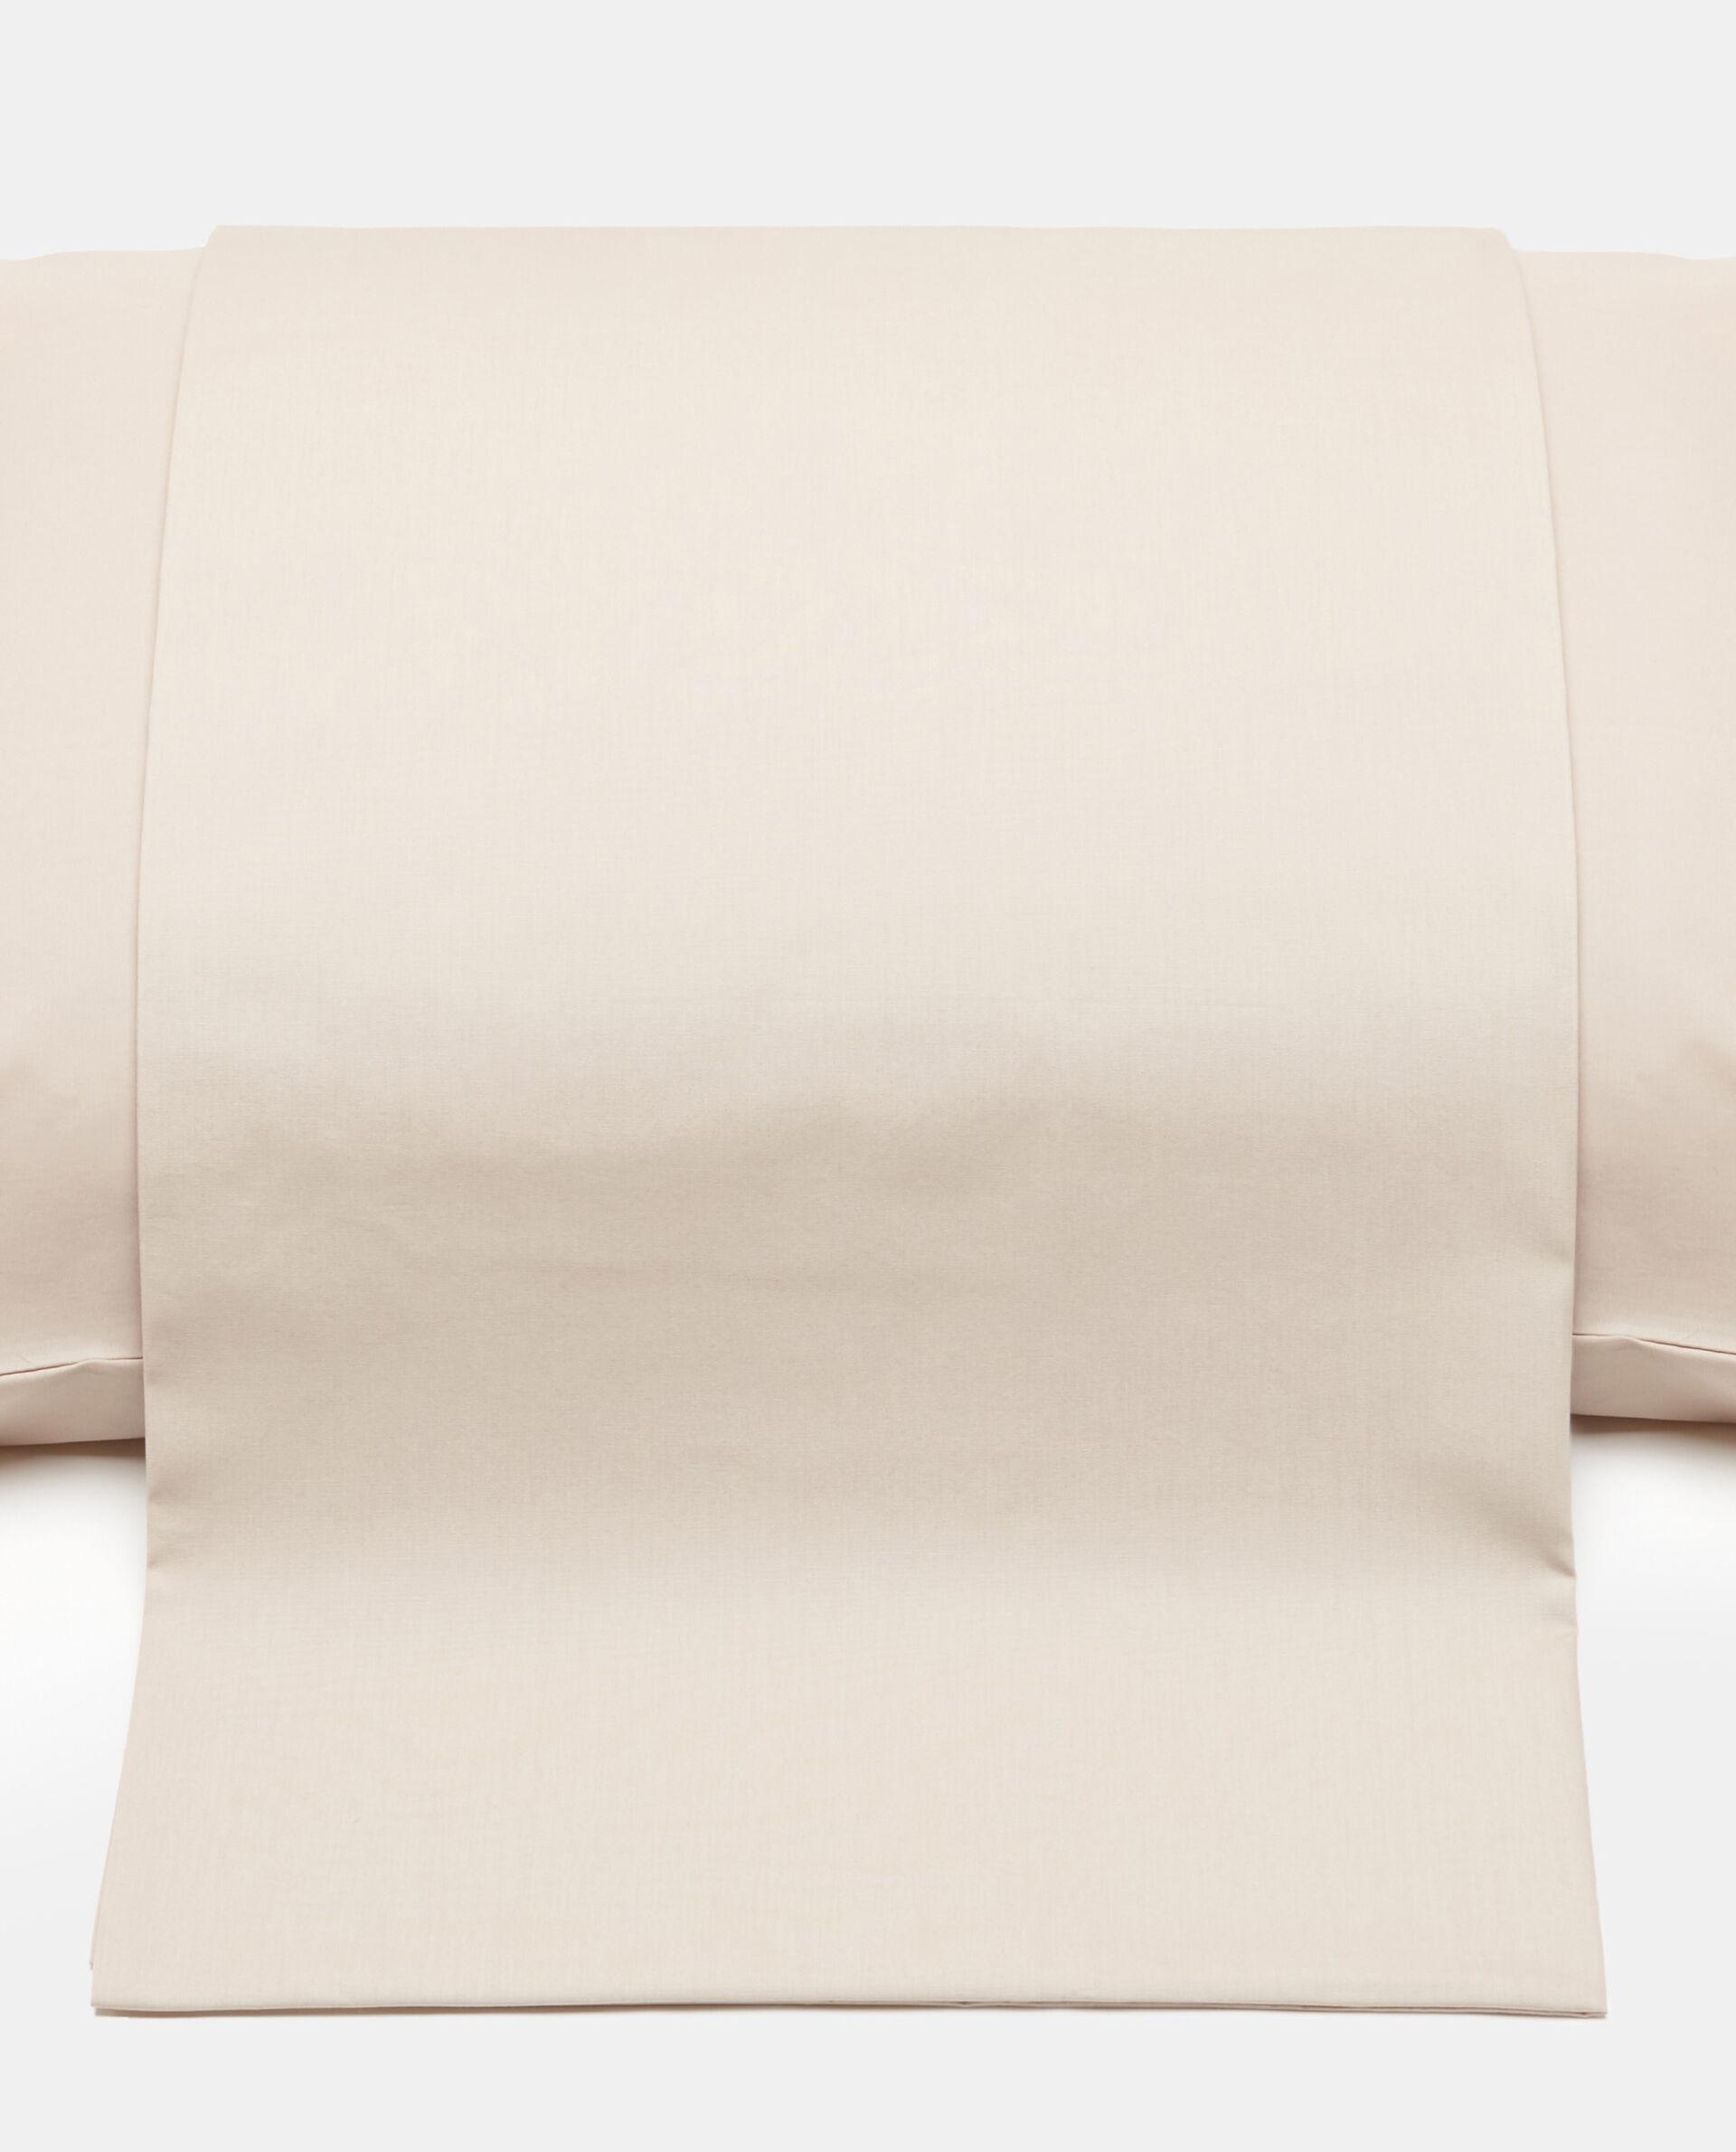 Copripiumino in puro cotone percalle